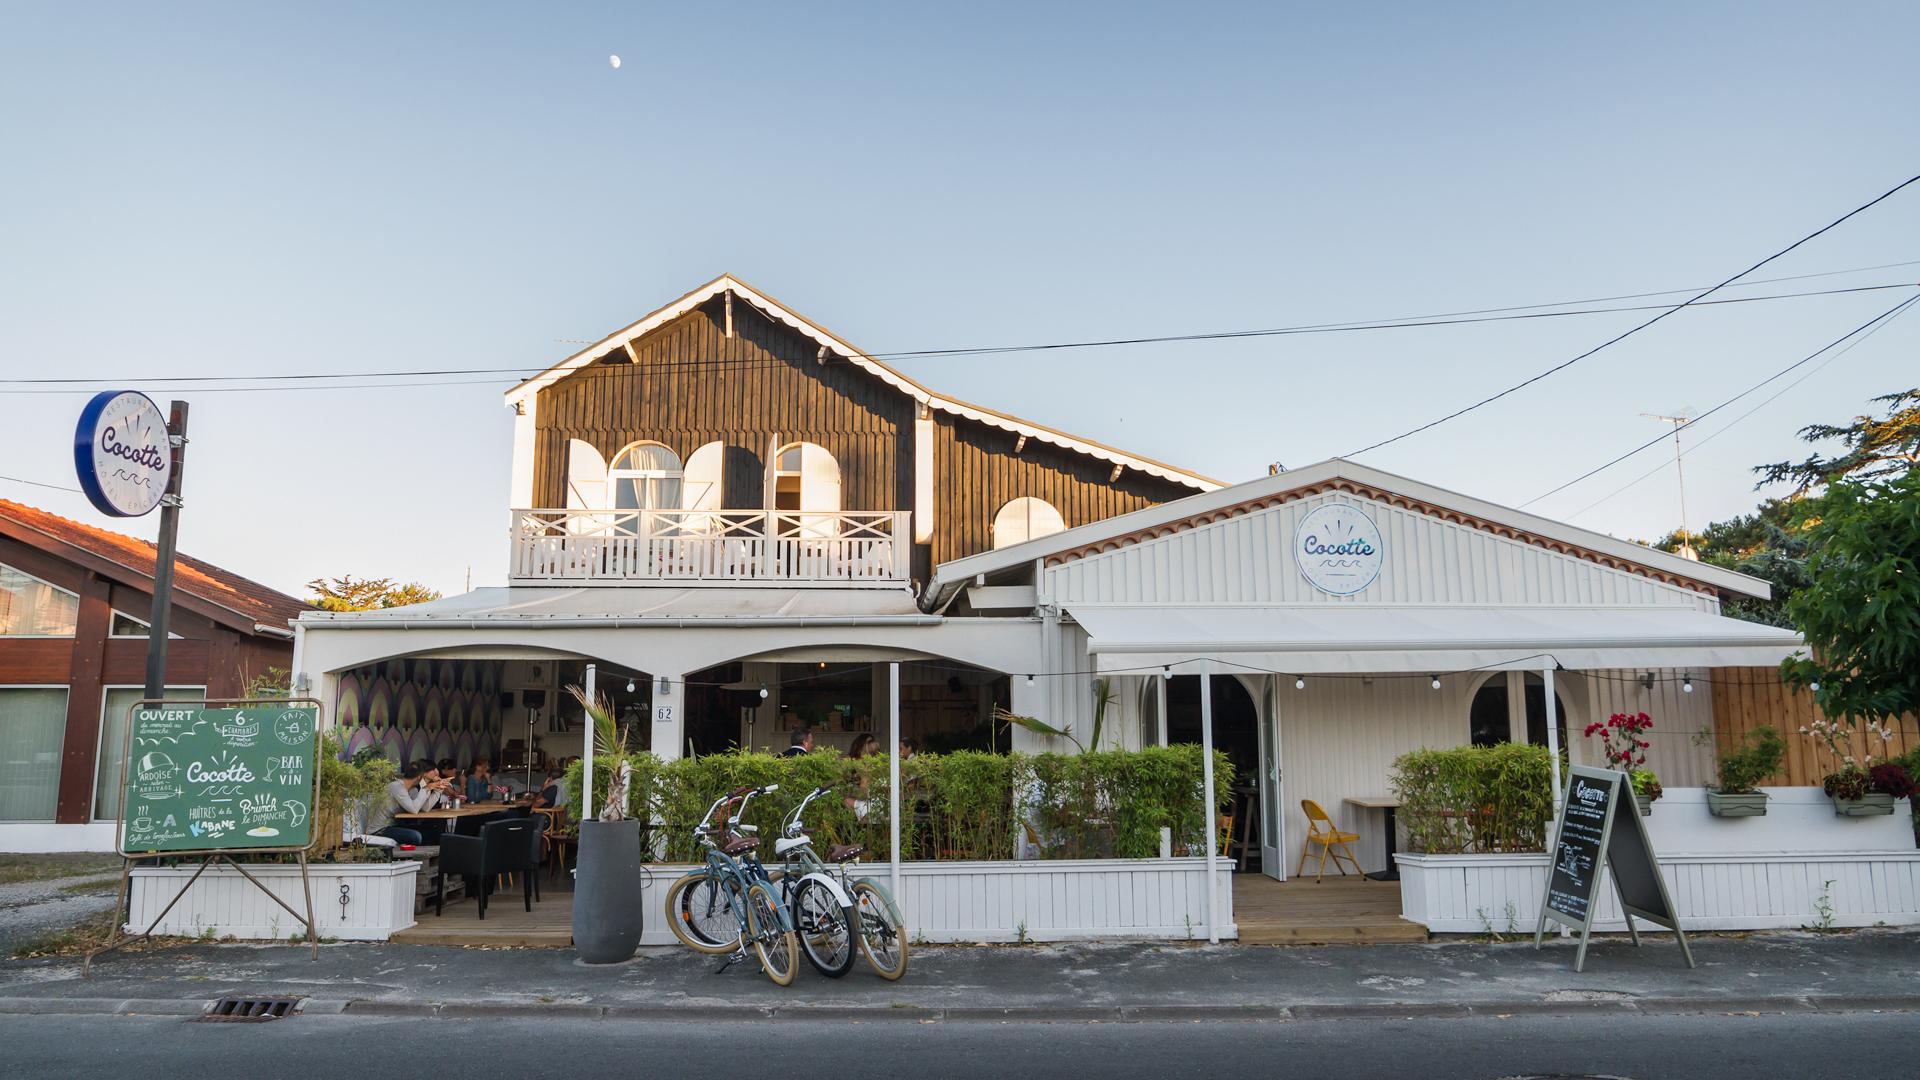 La californie au cap ferret c est chez cocotte les crewseuses - Restaurant chez cocotte ...